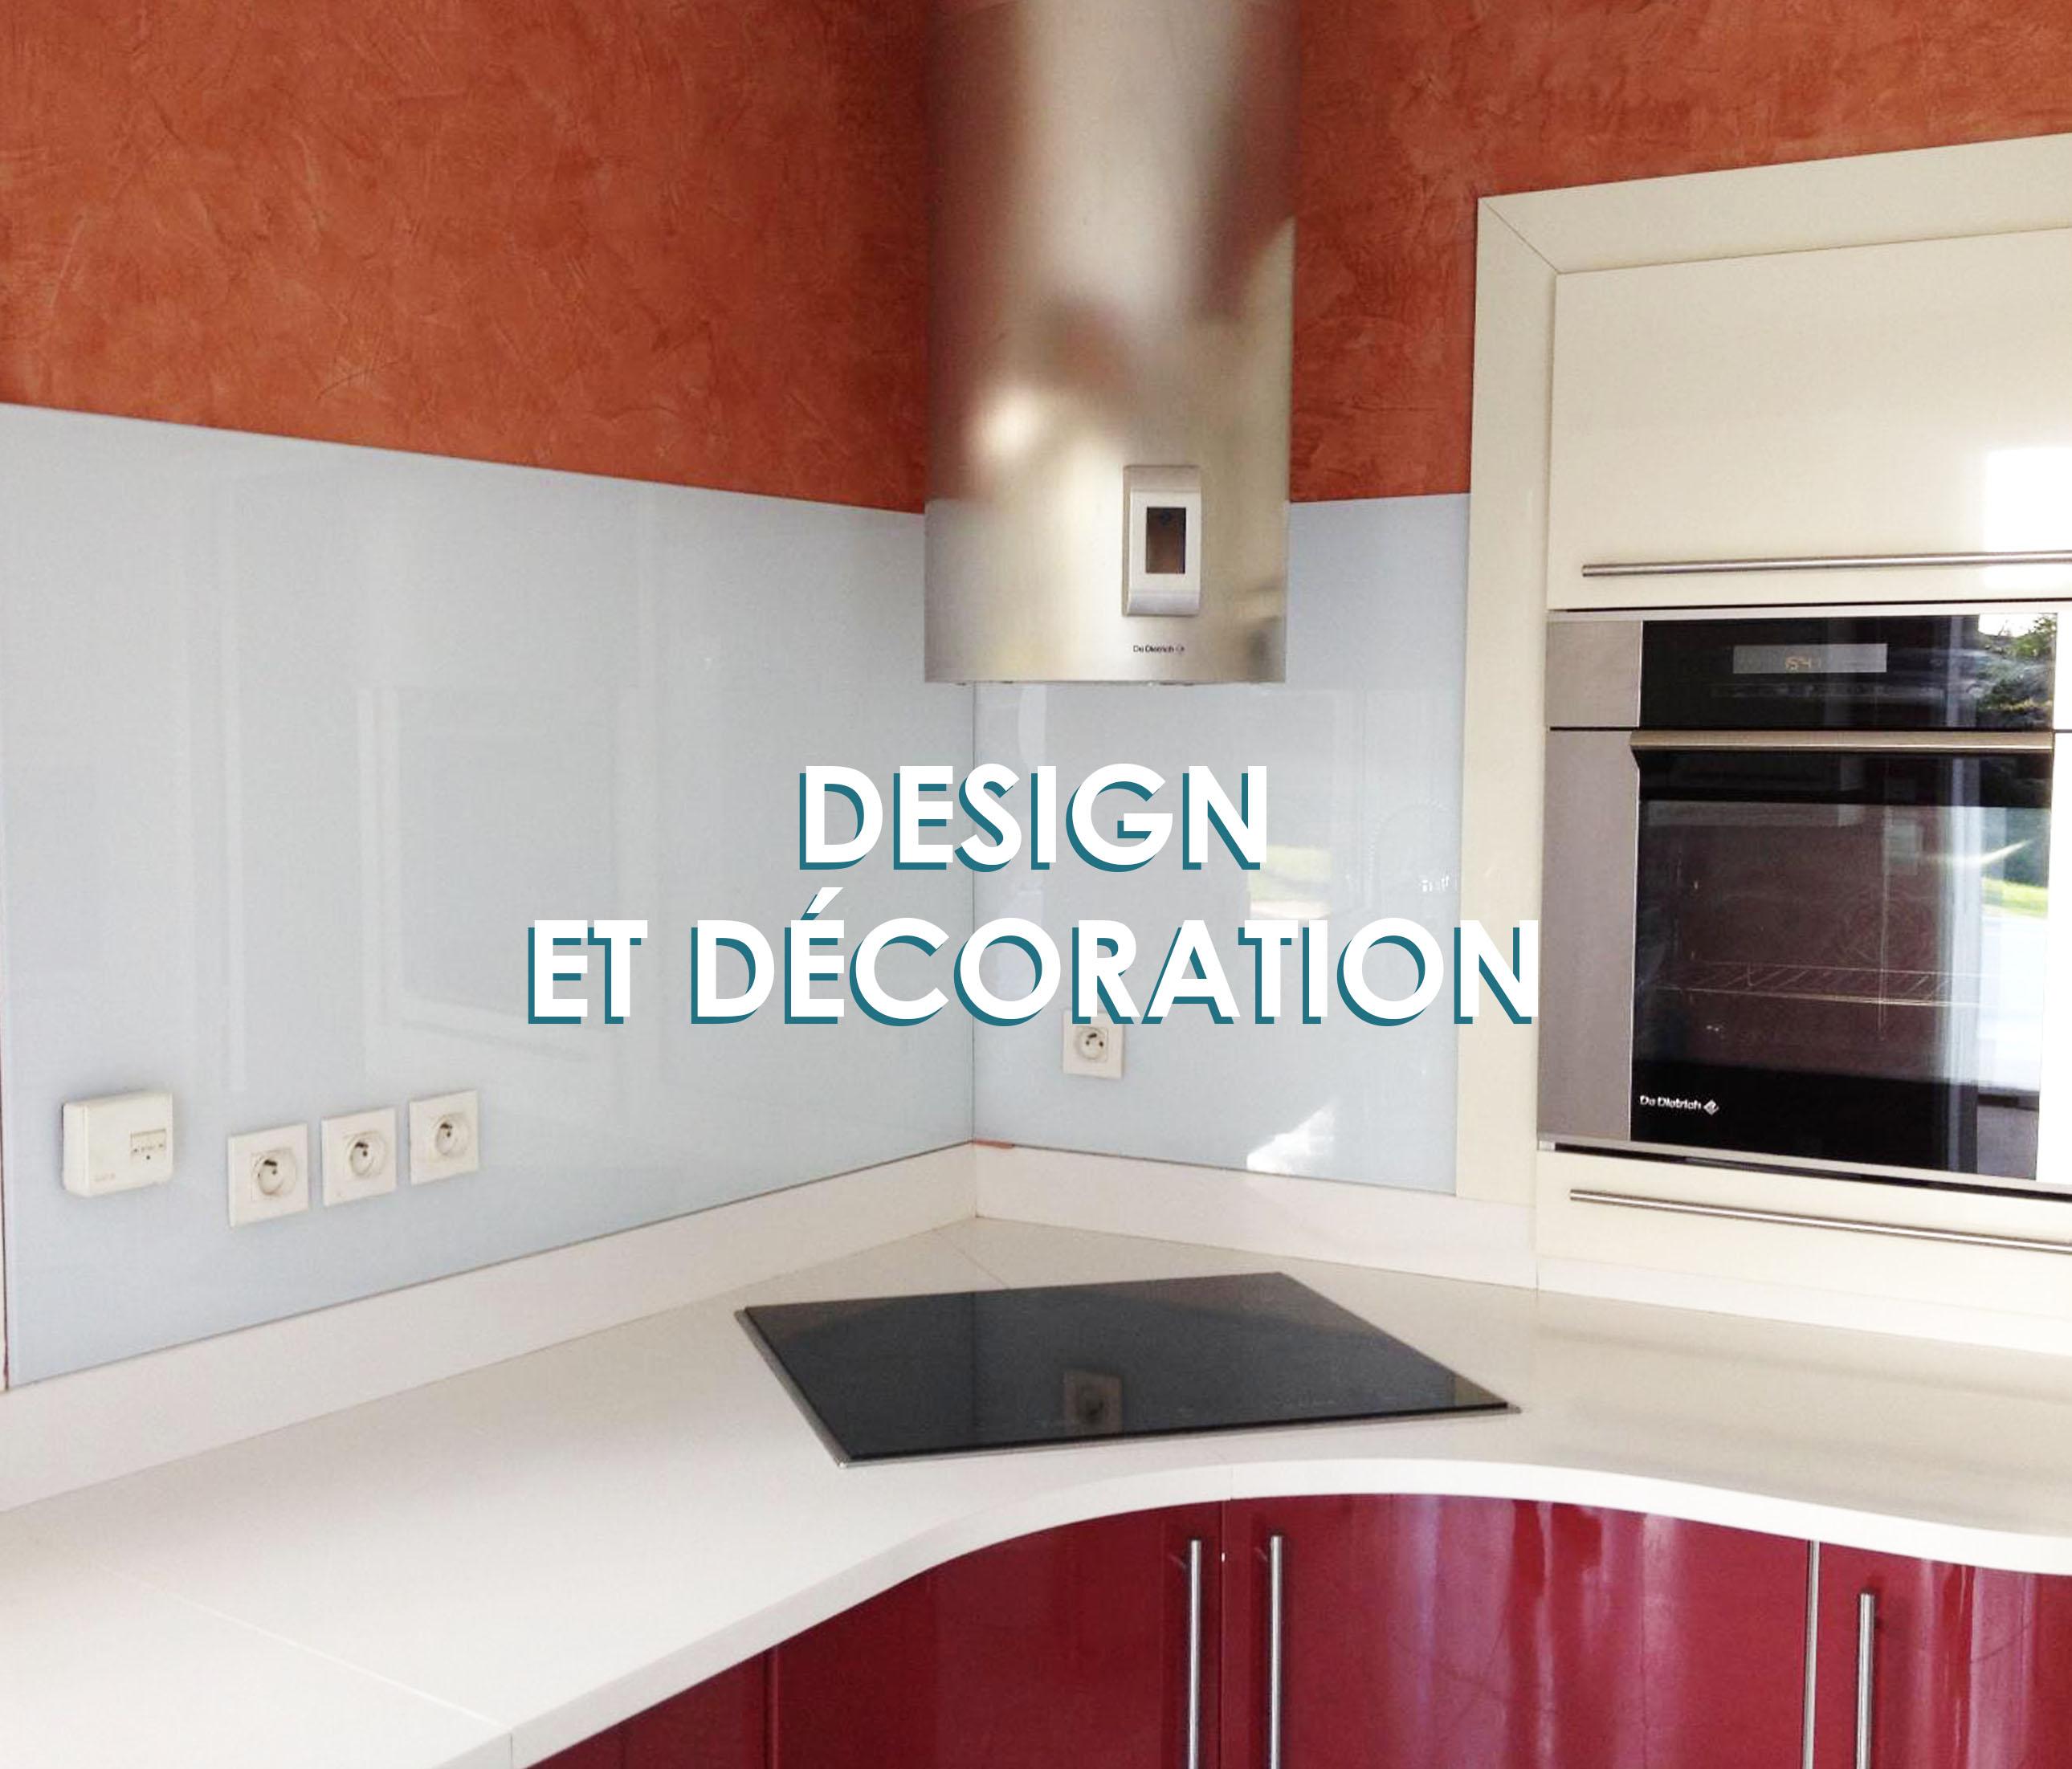 miroiterie prims menuiserie aluminium et du travail du verre b ziers 34. Black Bedroom Furniture Sets. Home Design Ideas